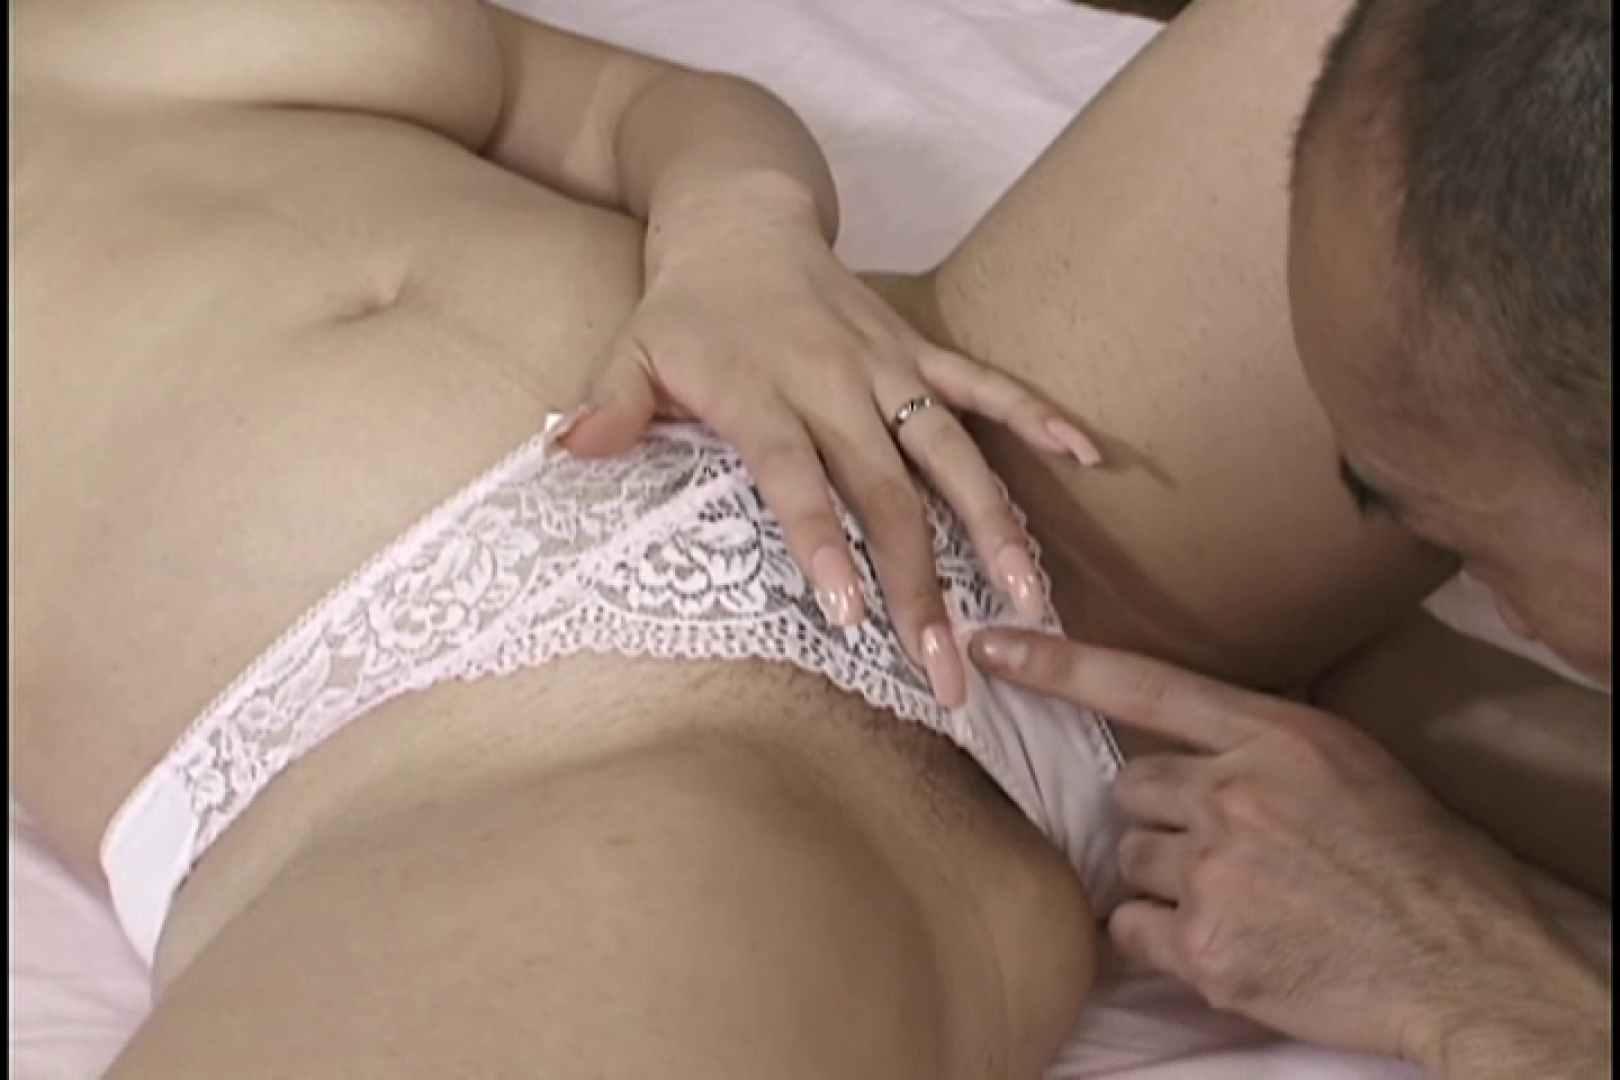 エロフェロモン全開の90センチ巨乳の淫乱人妻とSEX~篠崎麻美~ バイブ  42連発 41